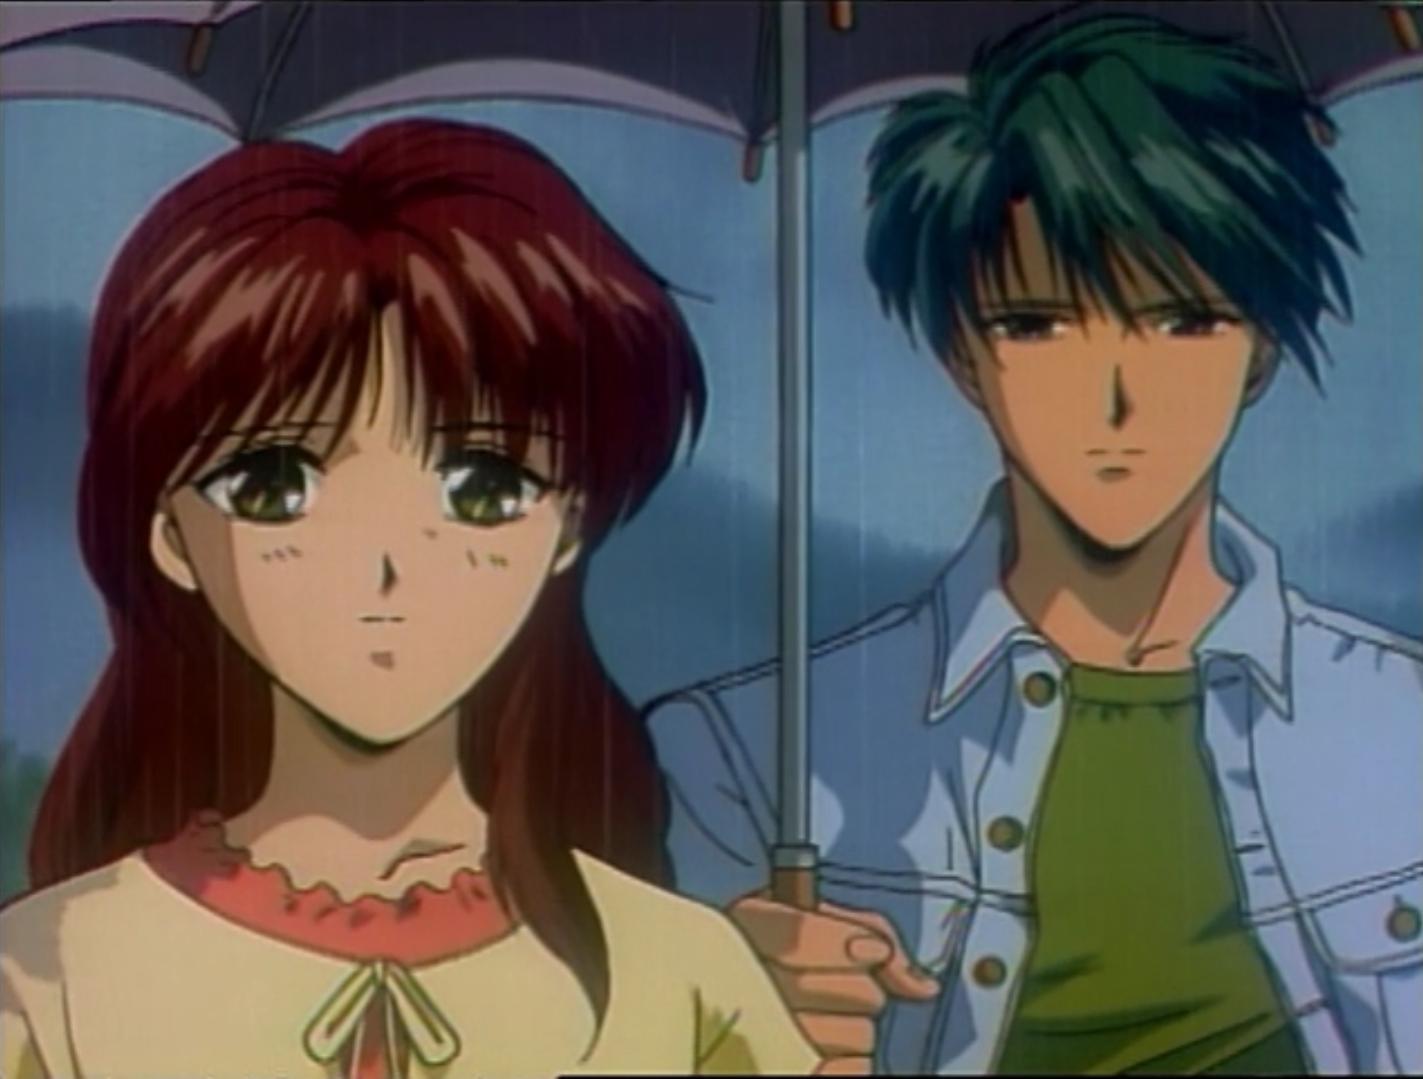 Miaka y Tamahome comparten un paraguas durante un día lluvioso en la Tierra en una escena de la serie Fushigi Yugi OAV.